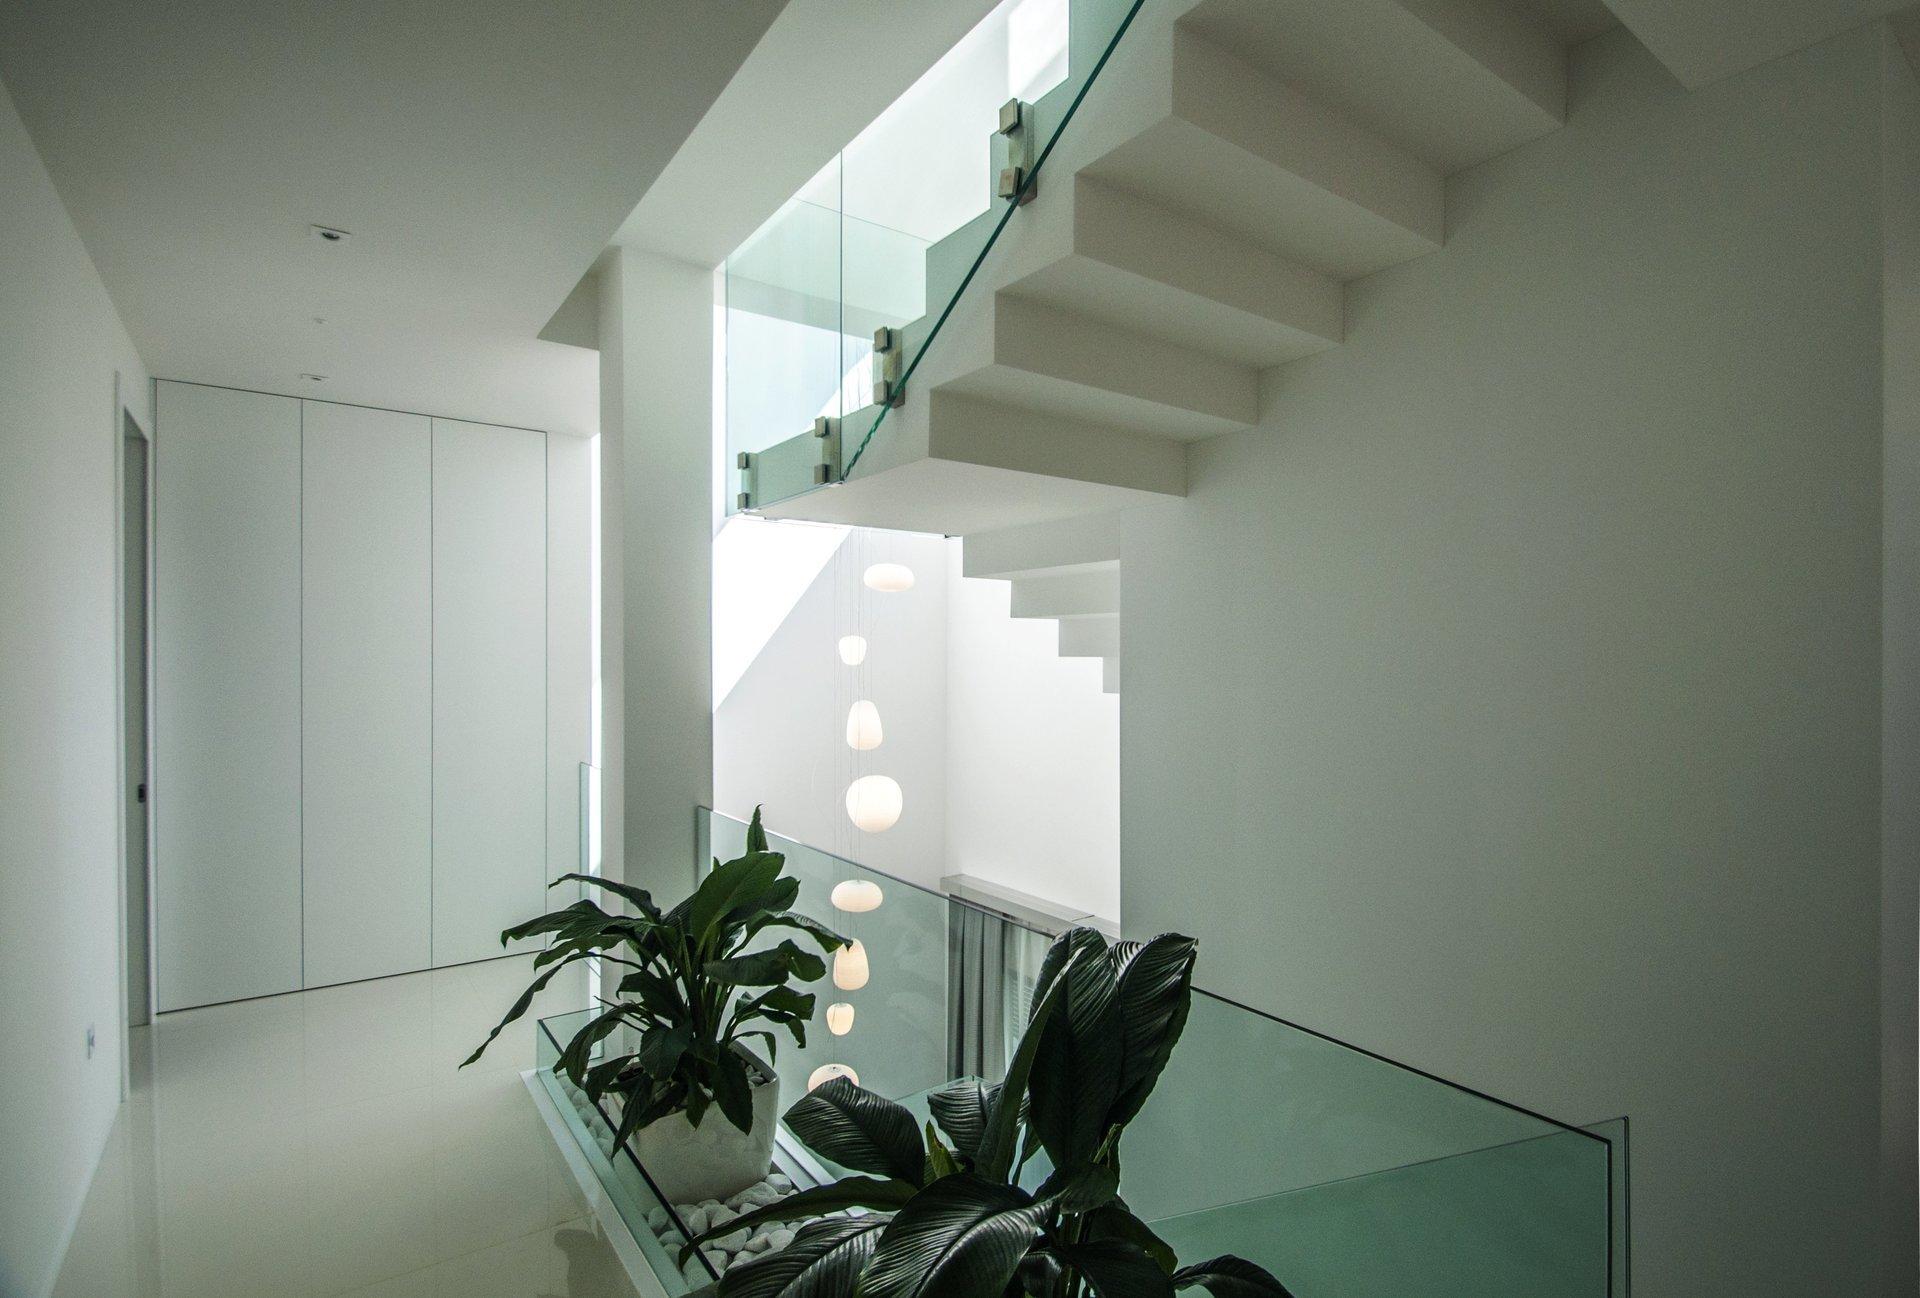 Escalera en vivienda unifamiliar moderna en Almeria. Arquitectura moderna en Almeria. Interiorismo Almeria.